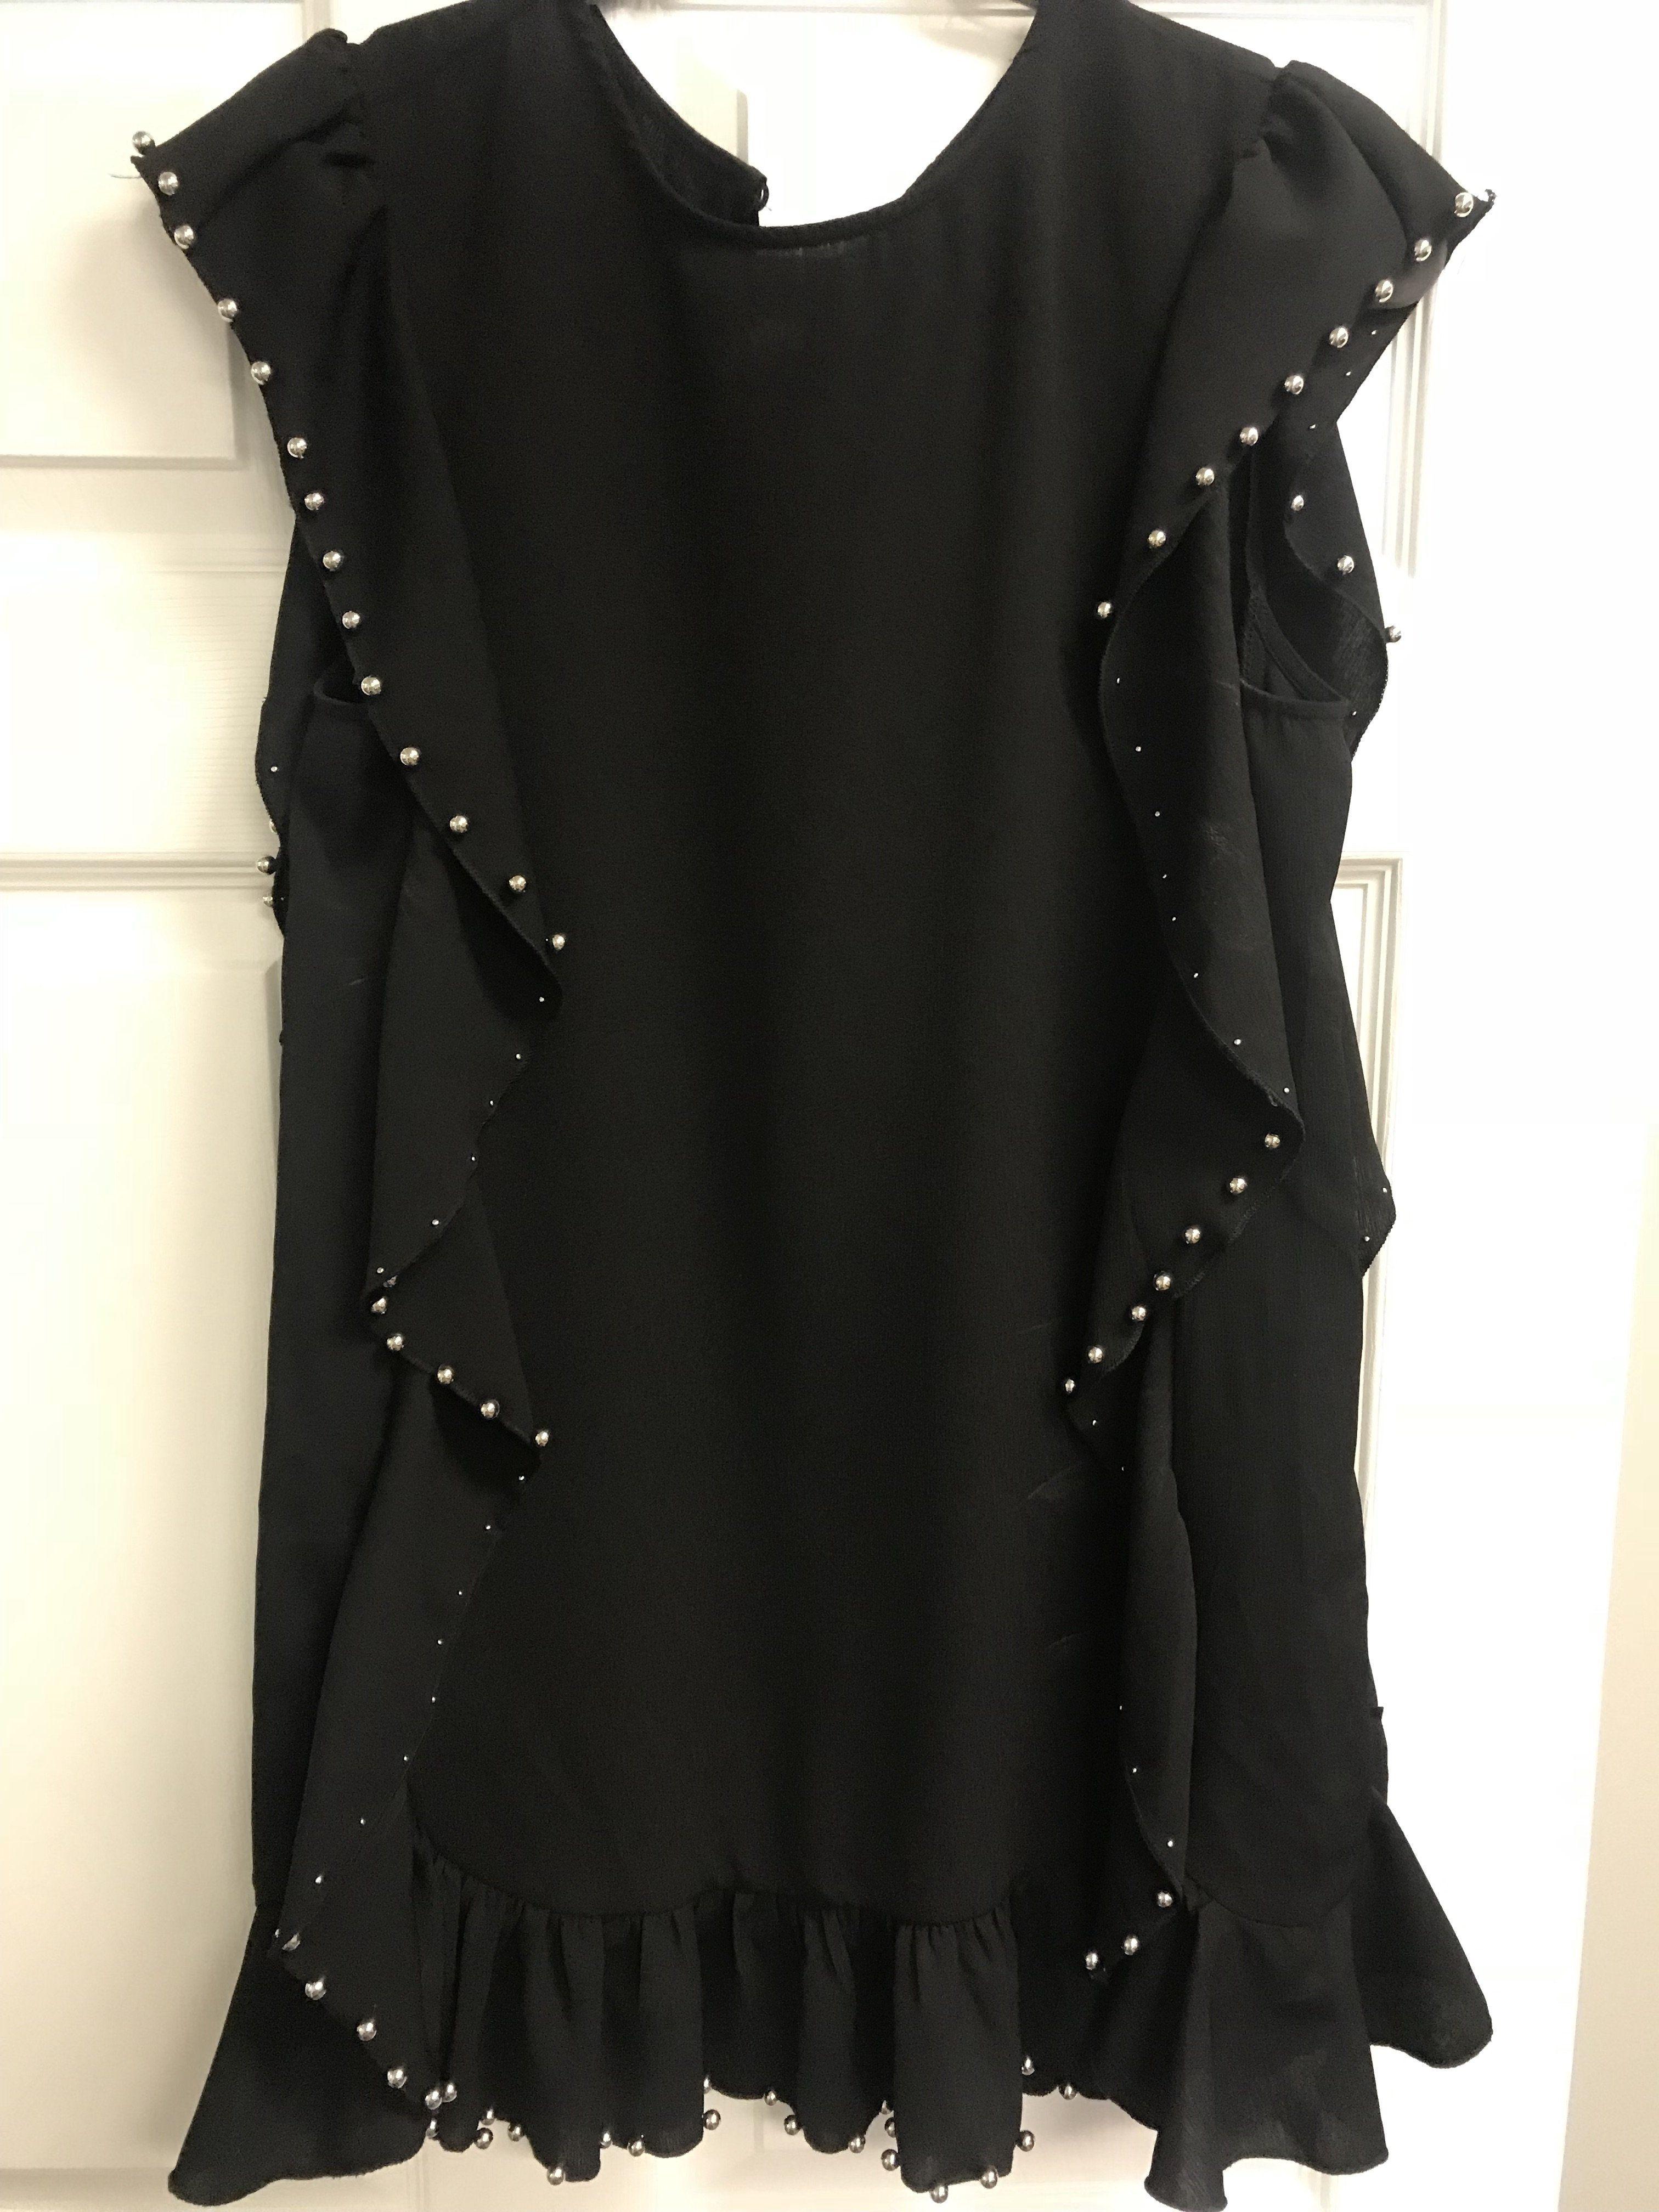 Studded Ruffle Dress Black Ruffle Dress Black Dress Fashion [ 4032 x 3024 Pixel ]